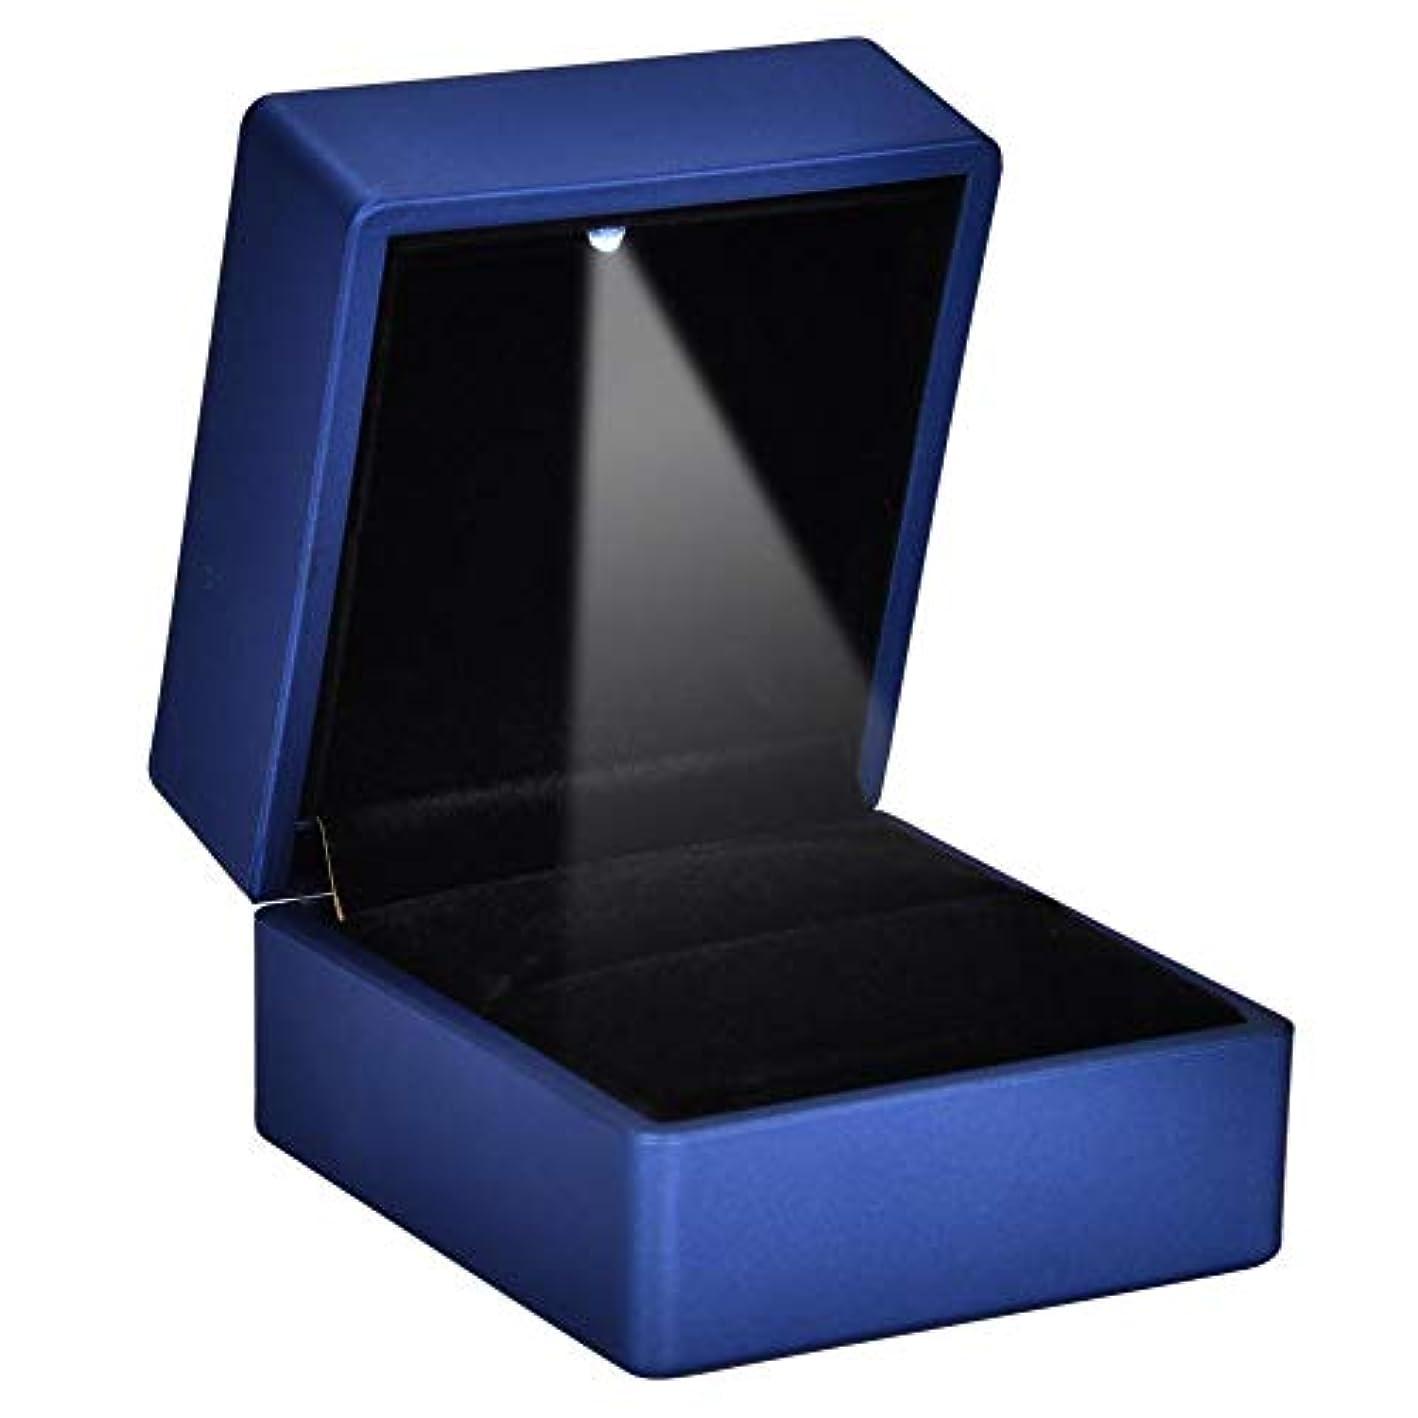 分離翻訳する人気2種類ファッショナブルなLEDリングボックス - 内部LED照明付きリングケース、ジュエリーホルダーリング収納ケース、結婚式の提案(ブルー-90 * 70 * 35)